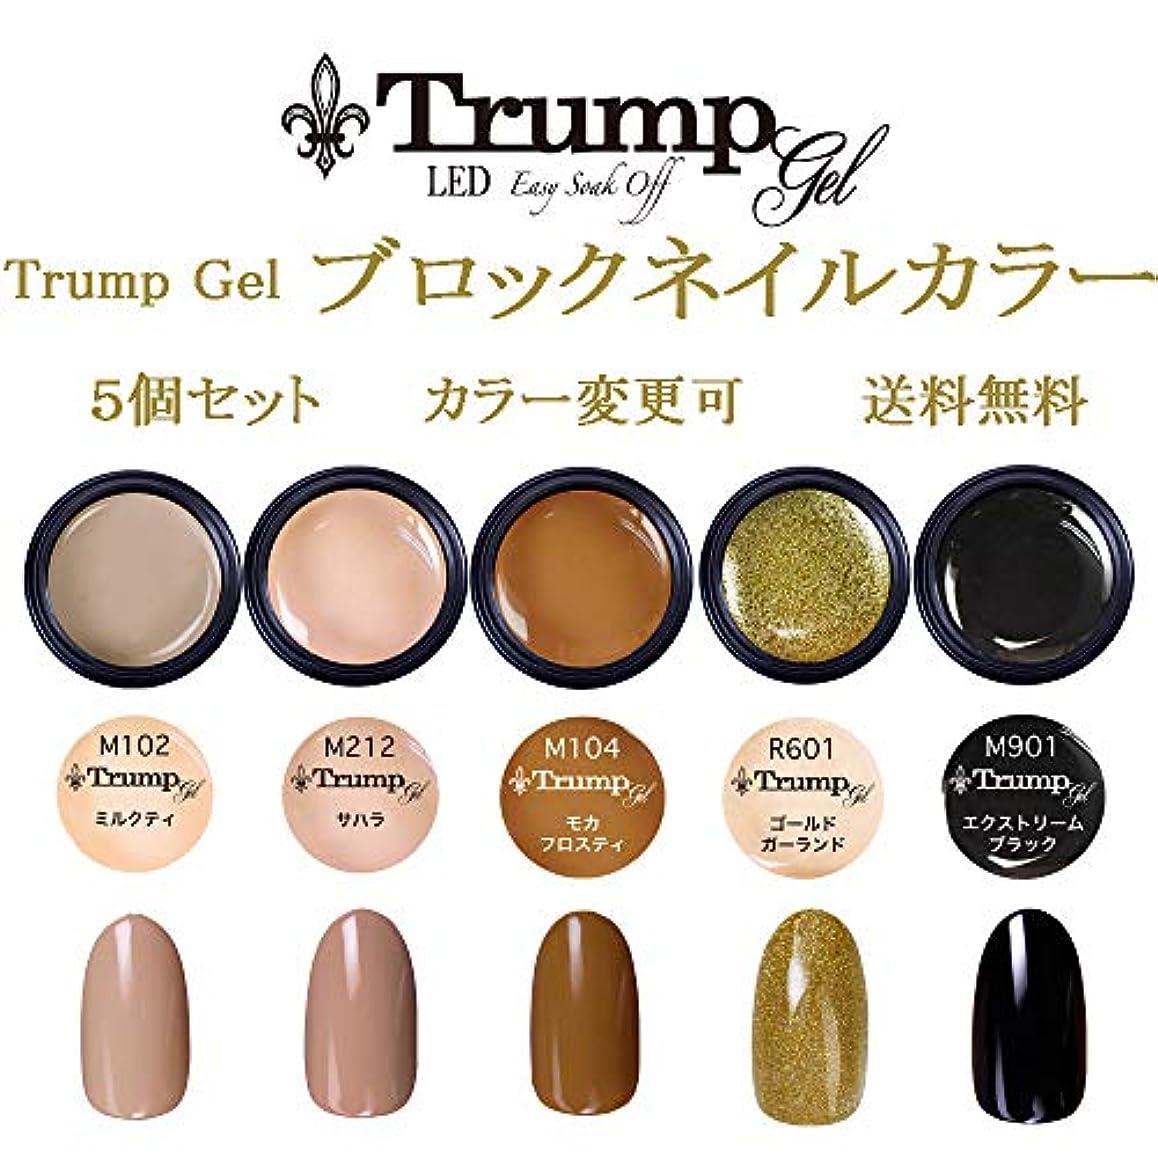 腐食する追い越す市民権日本製 Trump gel トランプジェル ブロックネイル 選べる カラージェル 5個セット ゴールド ラメ ブラウン ブラック ピンク ベージュ